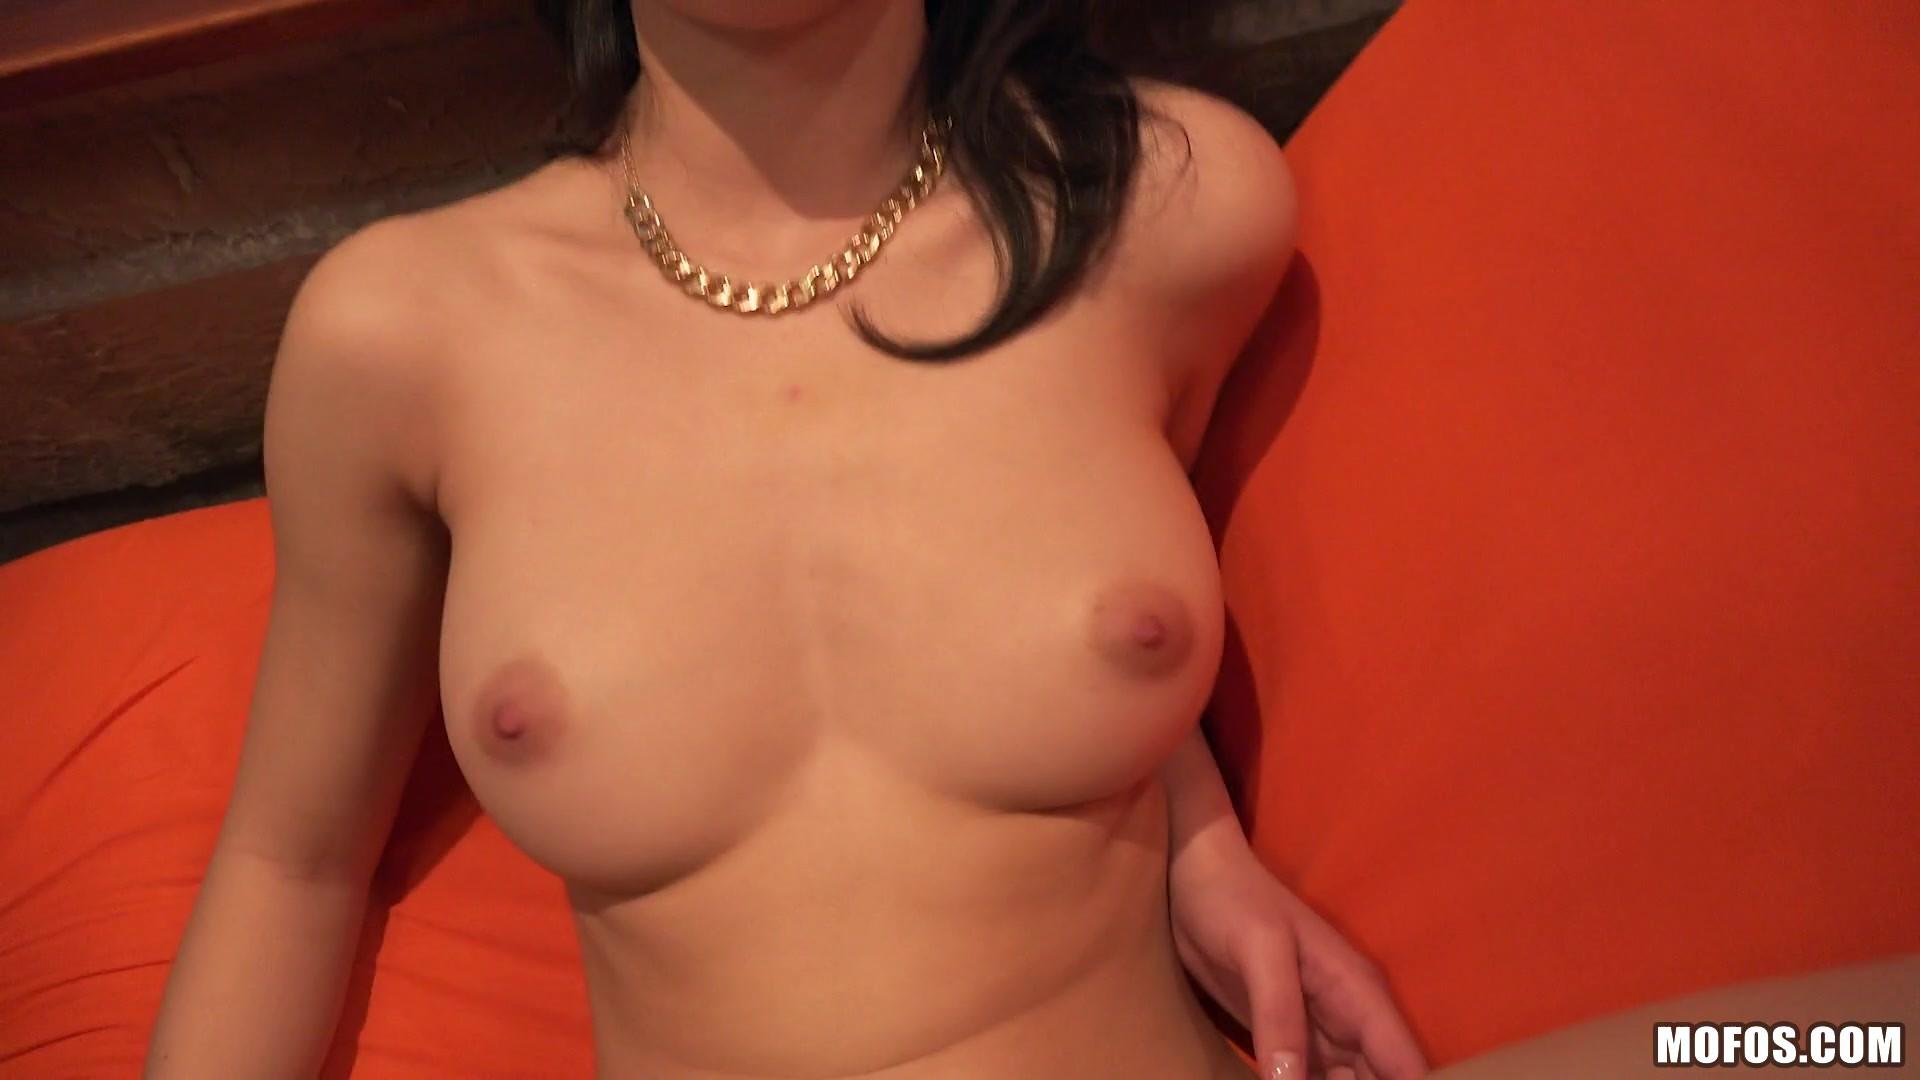 Сьюзи Белл веселая девушка, она любит не только с парнями развлекаться, но и быть третьей  в сексе с парой